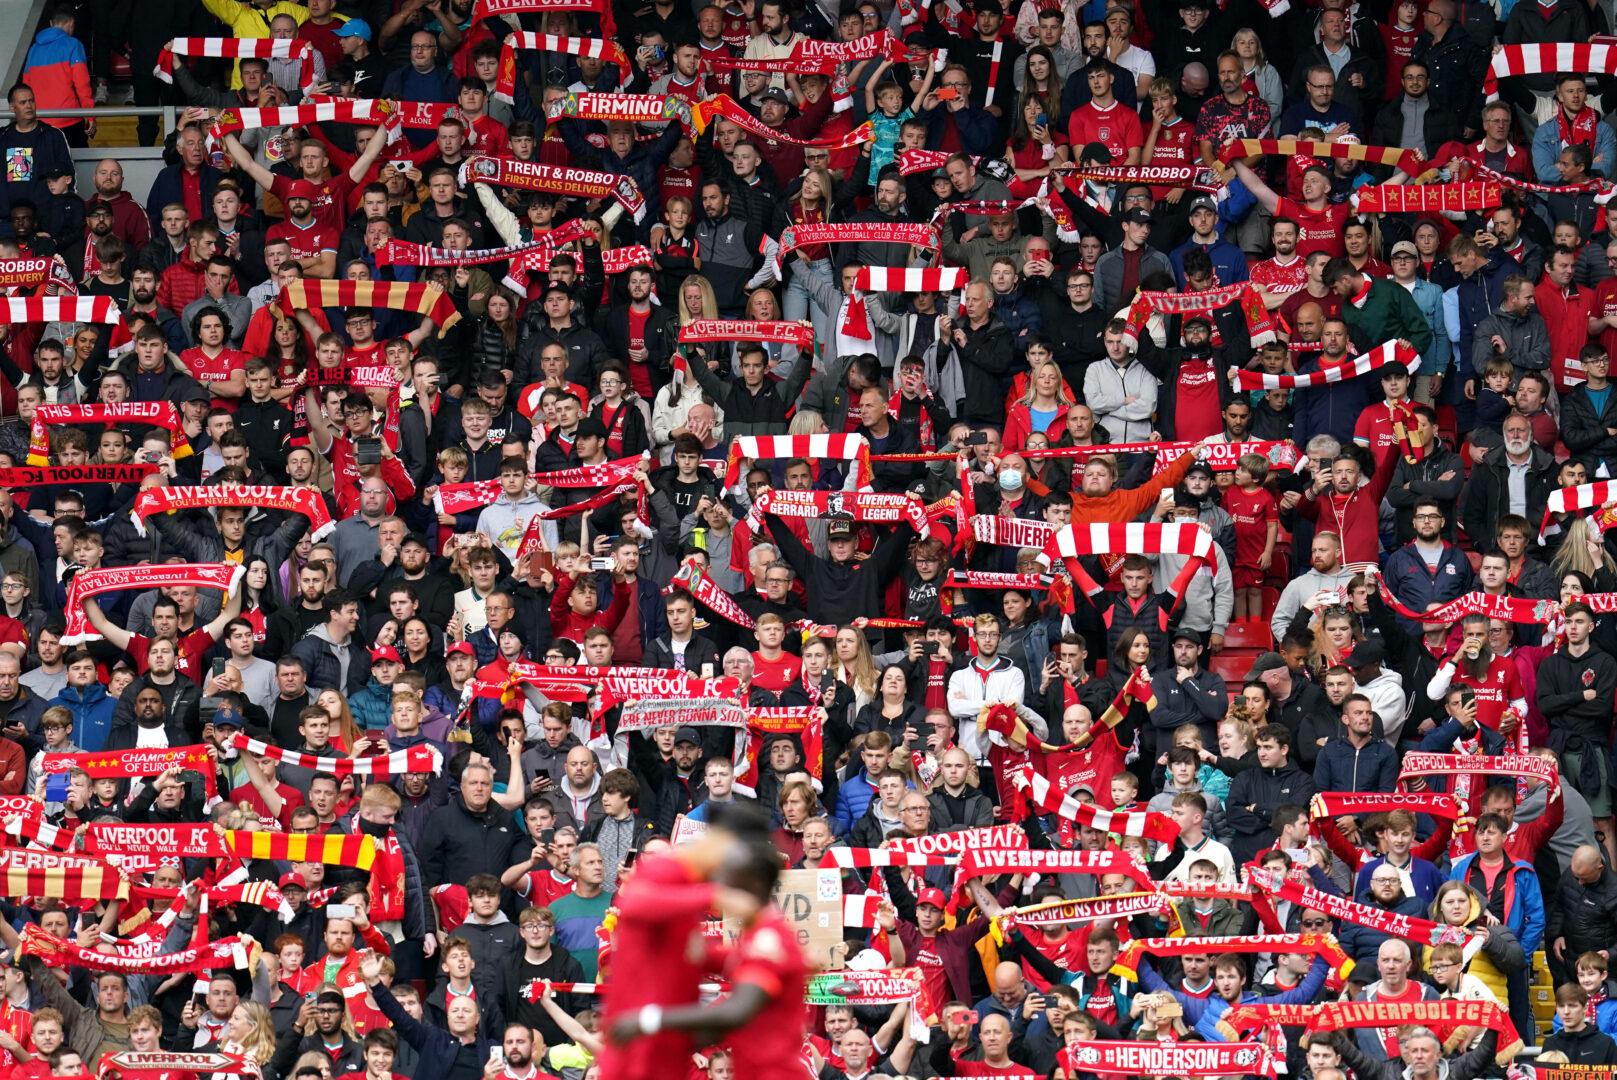 Die Fans des FC Liverpool